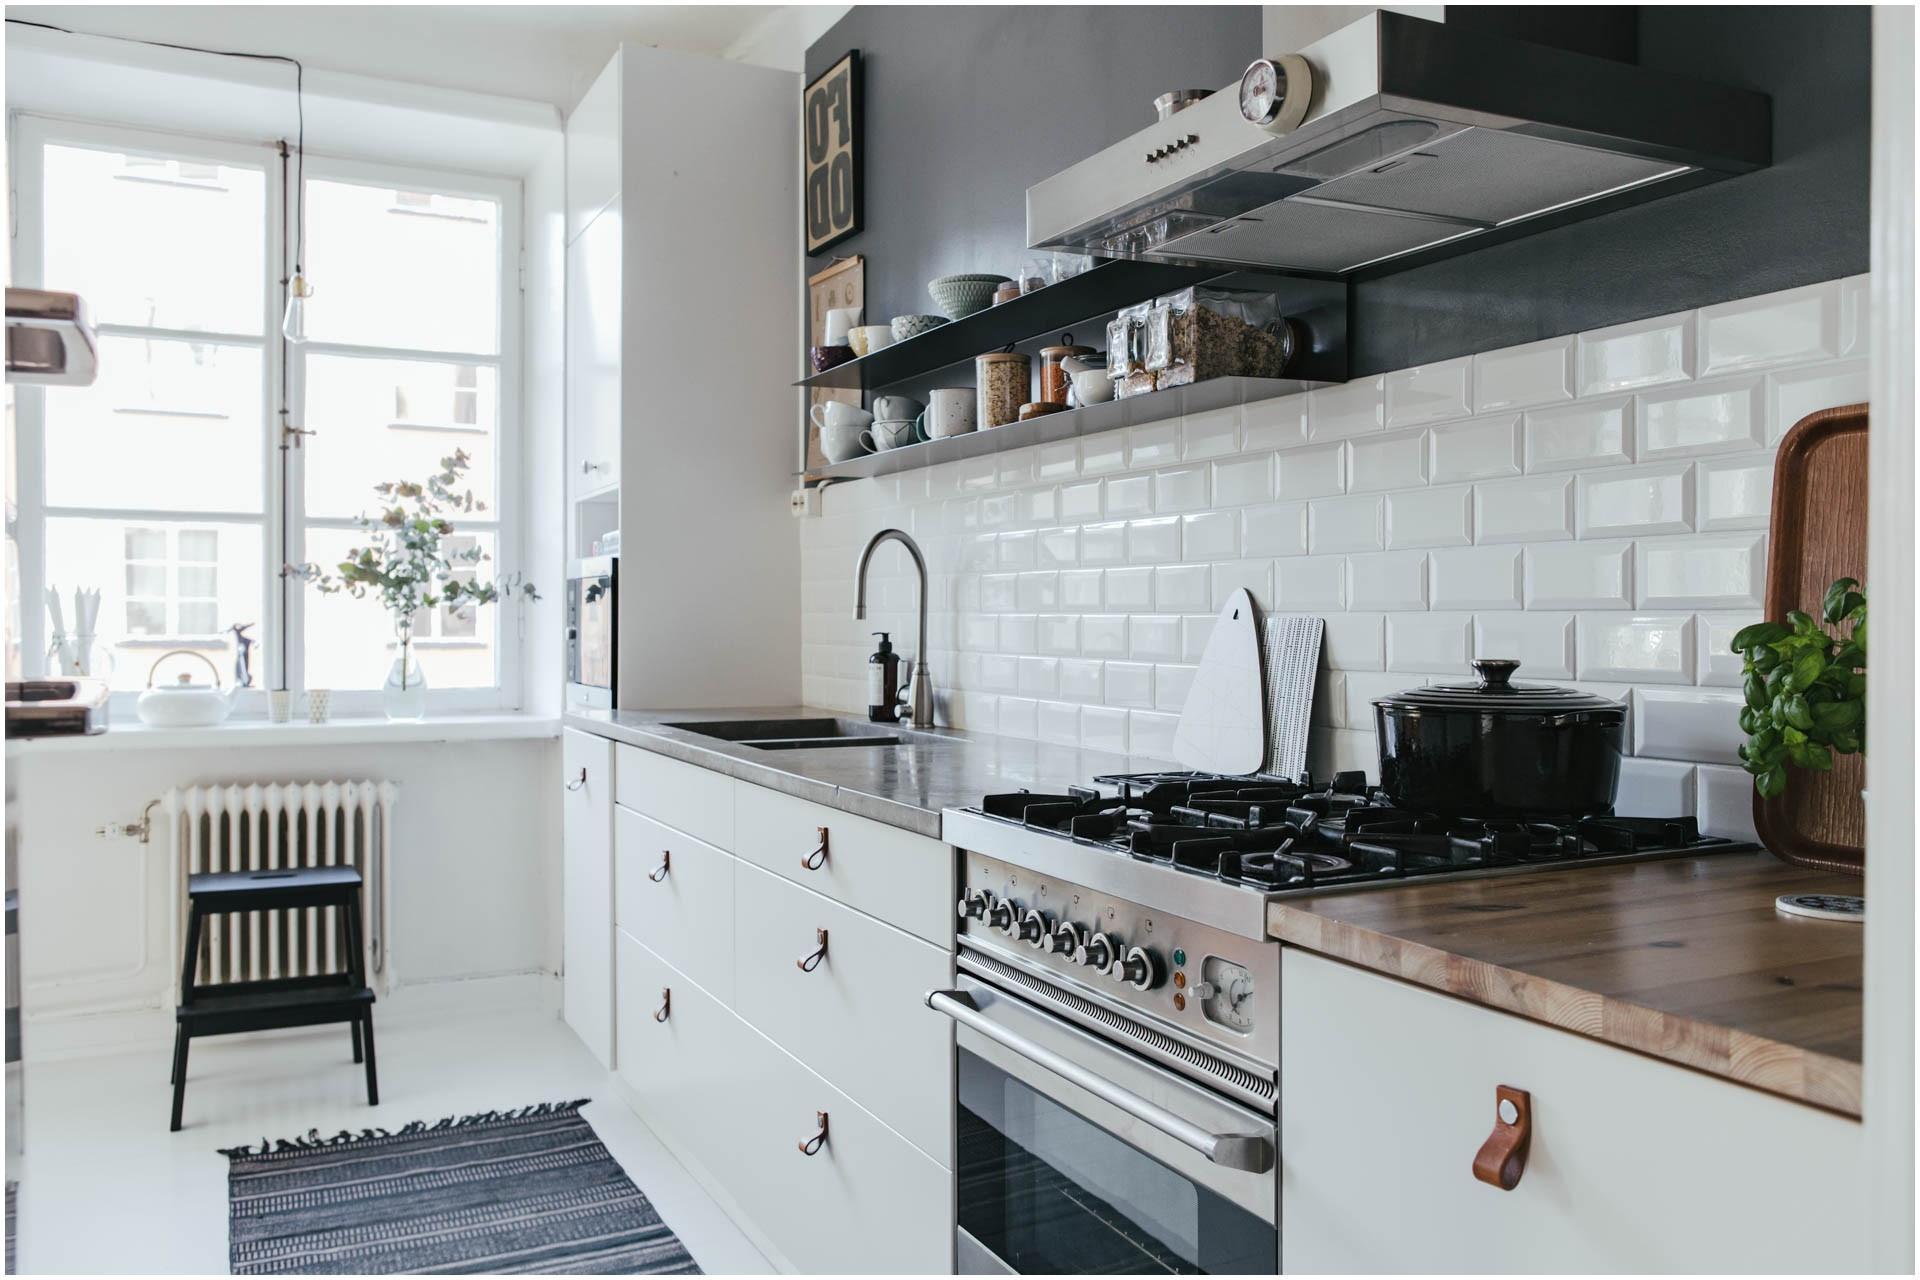 hechicero suelos para cocinas blancas en lindo 14 elegante azulejos para cocinas blancas interior de la casa termino para suelos para cocinas blancas jpg